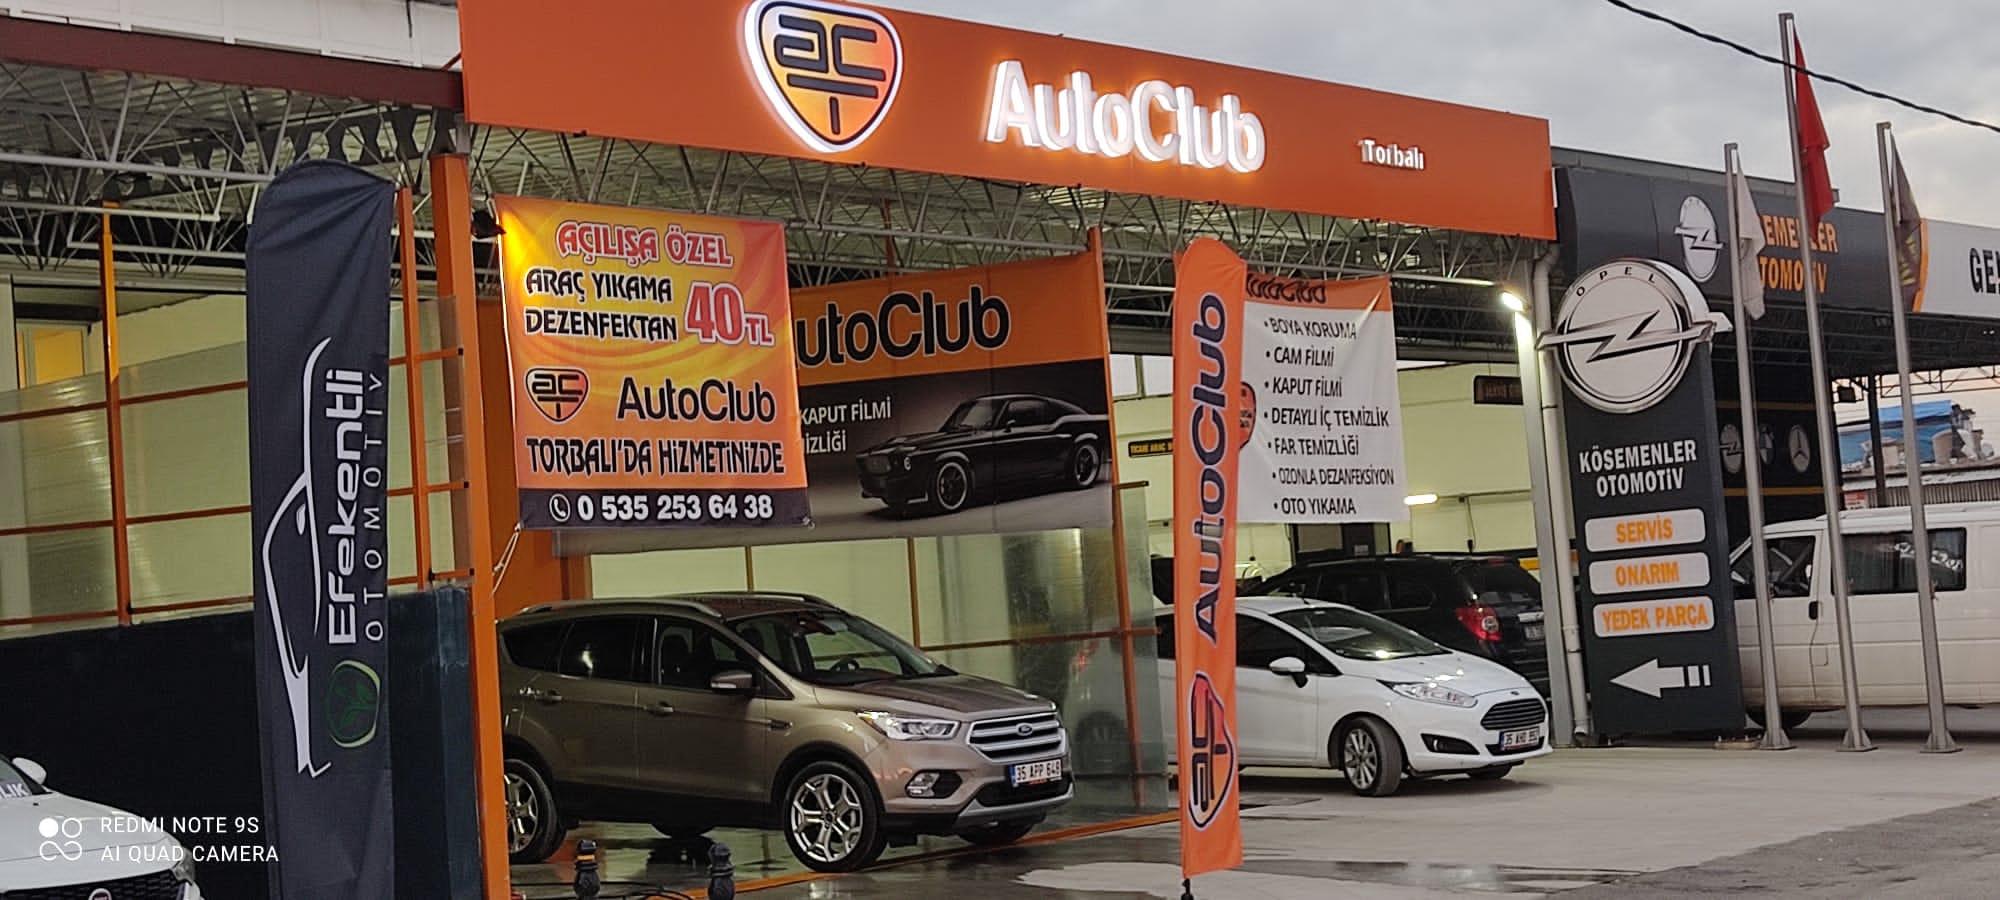 AutoClub Torbalı - İzmir Torbalı